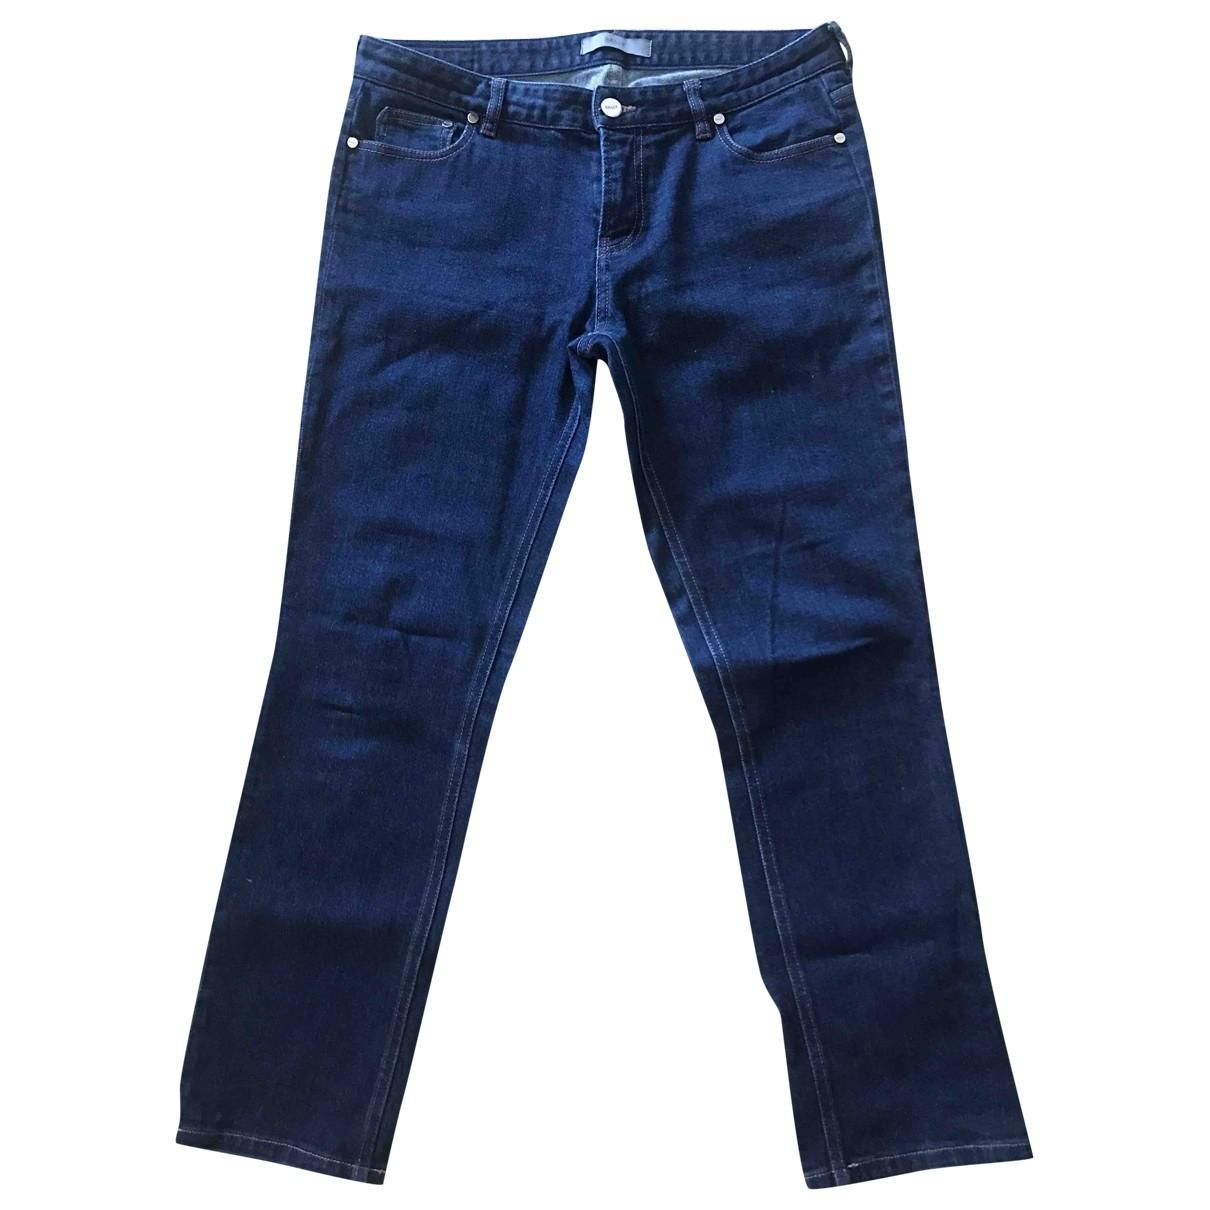 Bally \N Blue Denim - Jeans Trousers for Women 44 IT